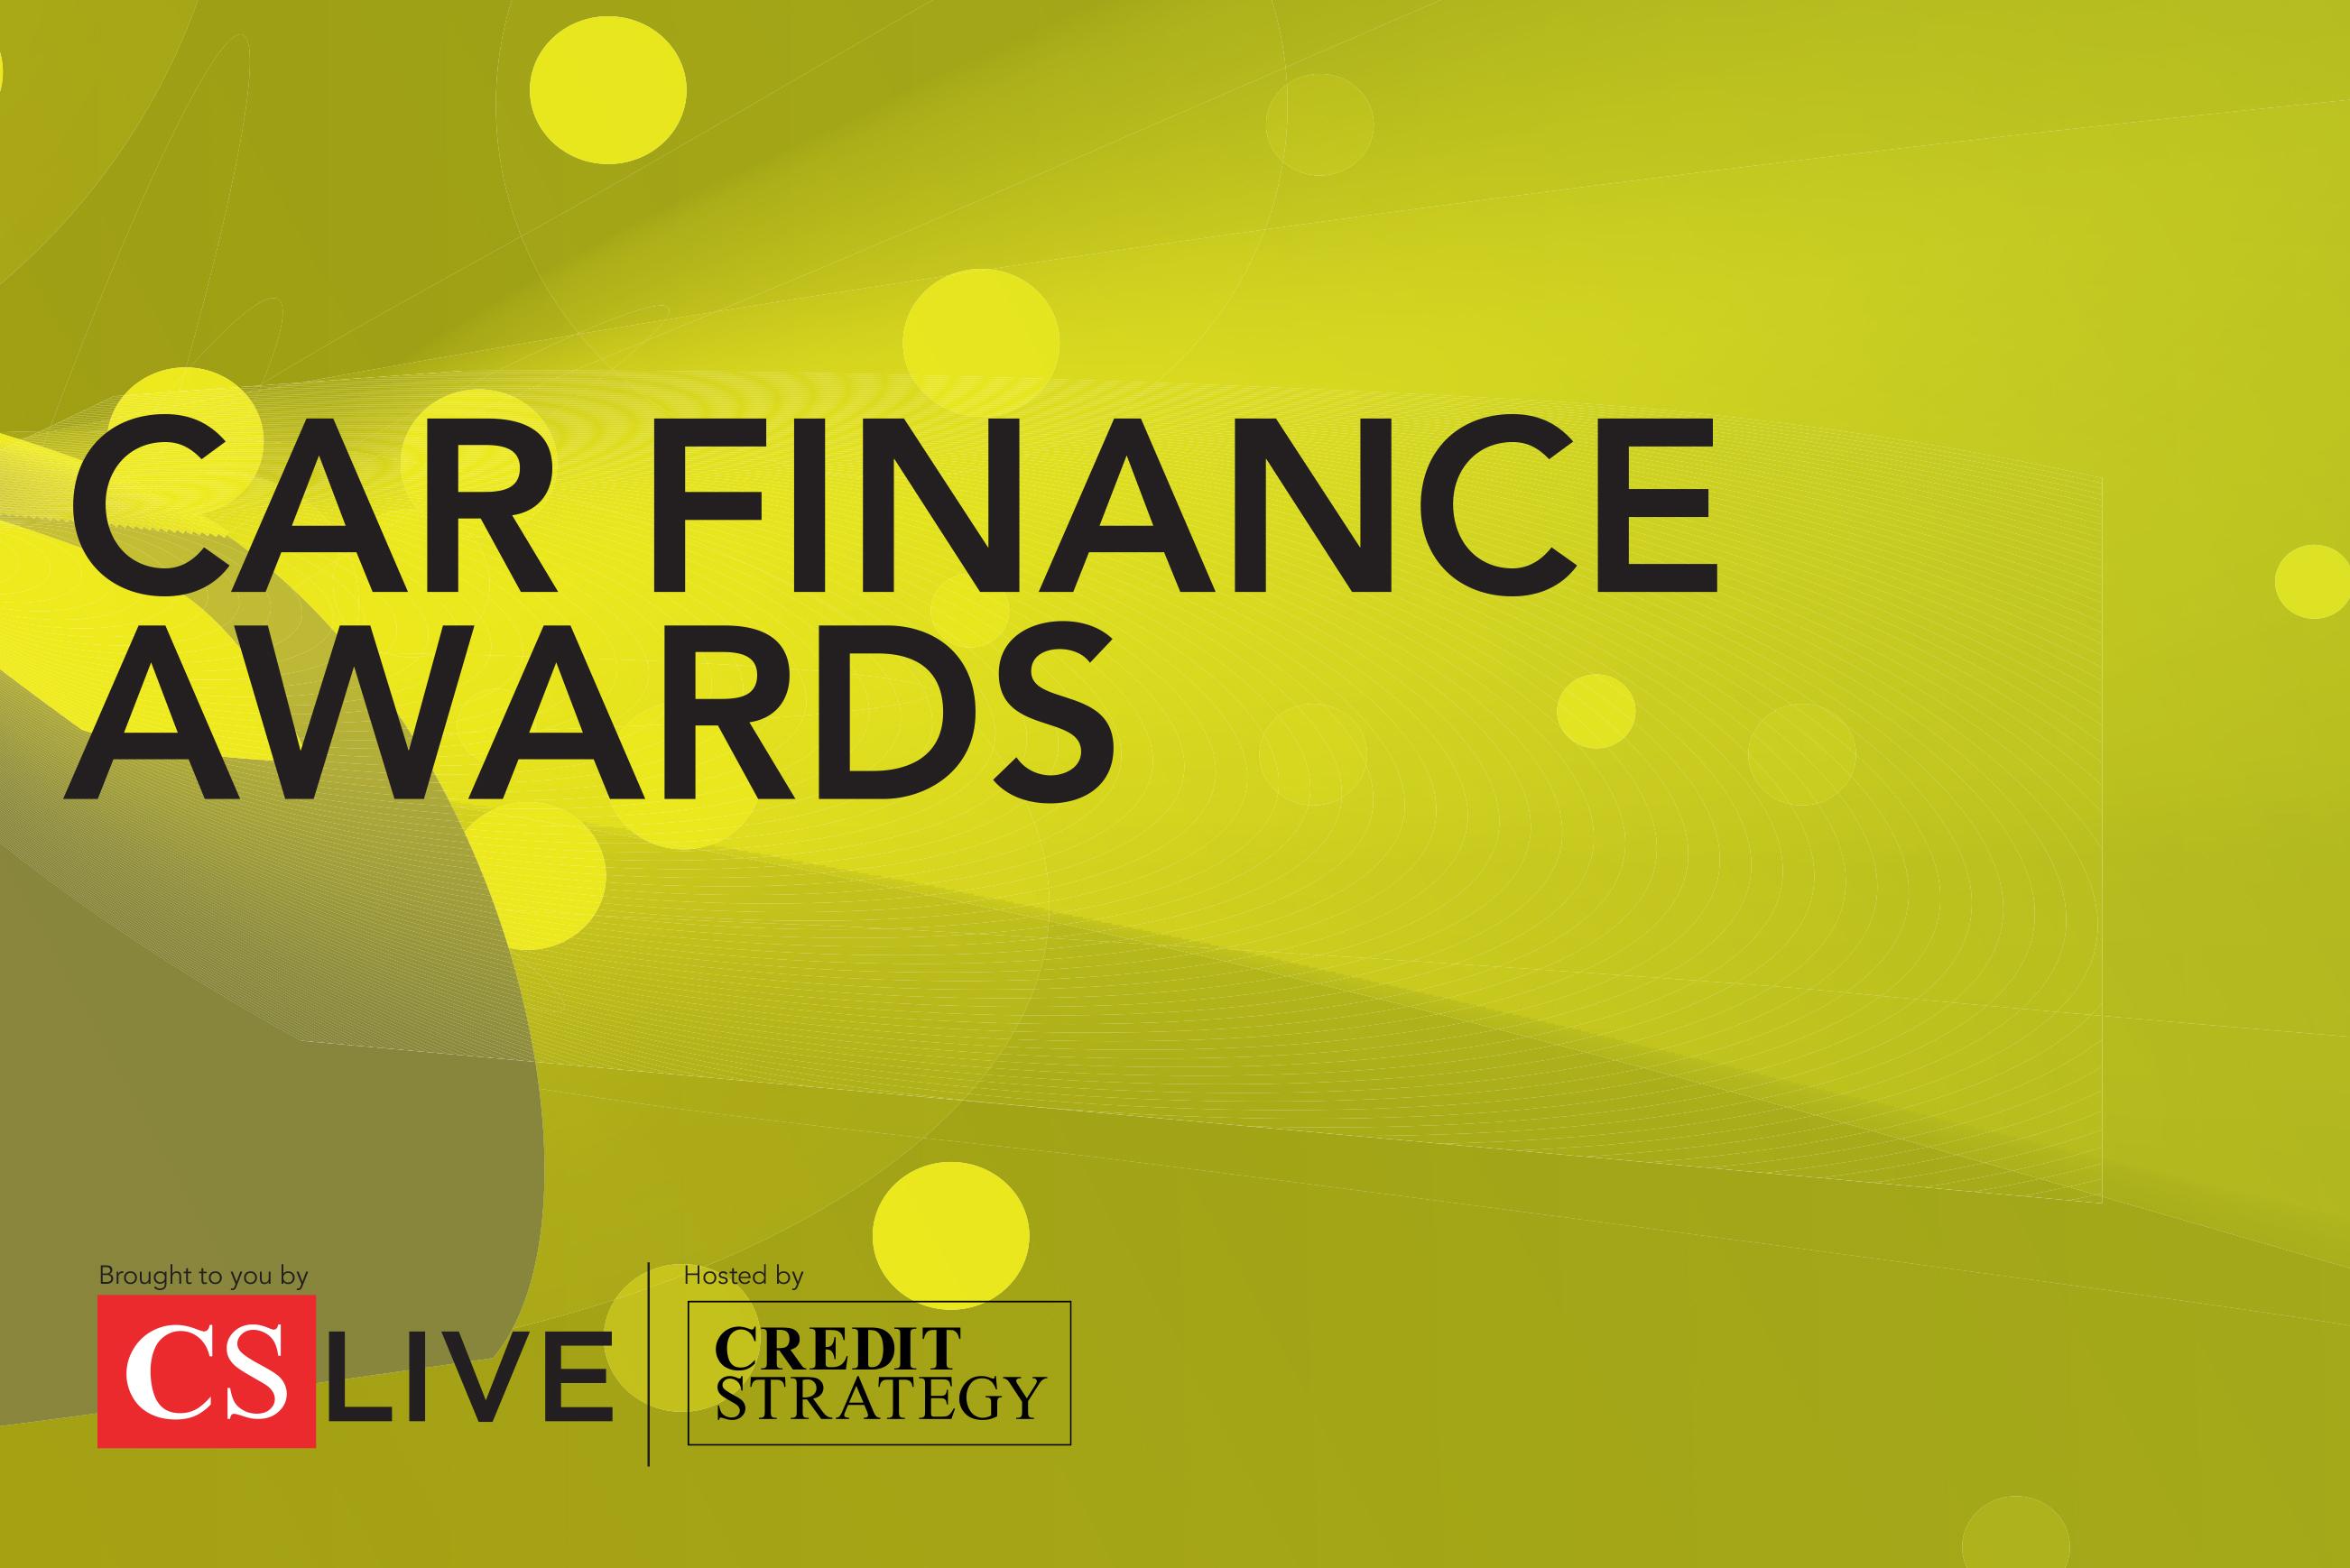 Car Finance Awards 2021